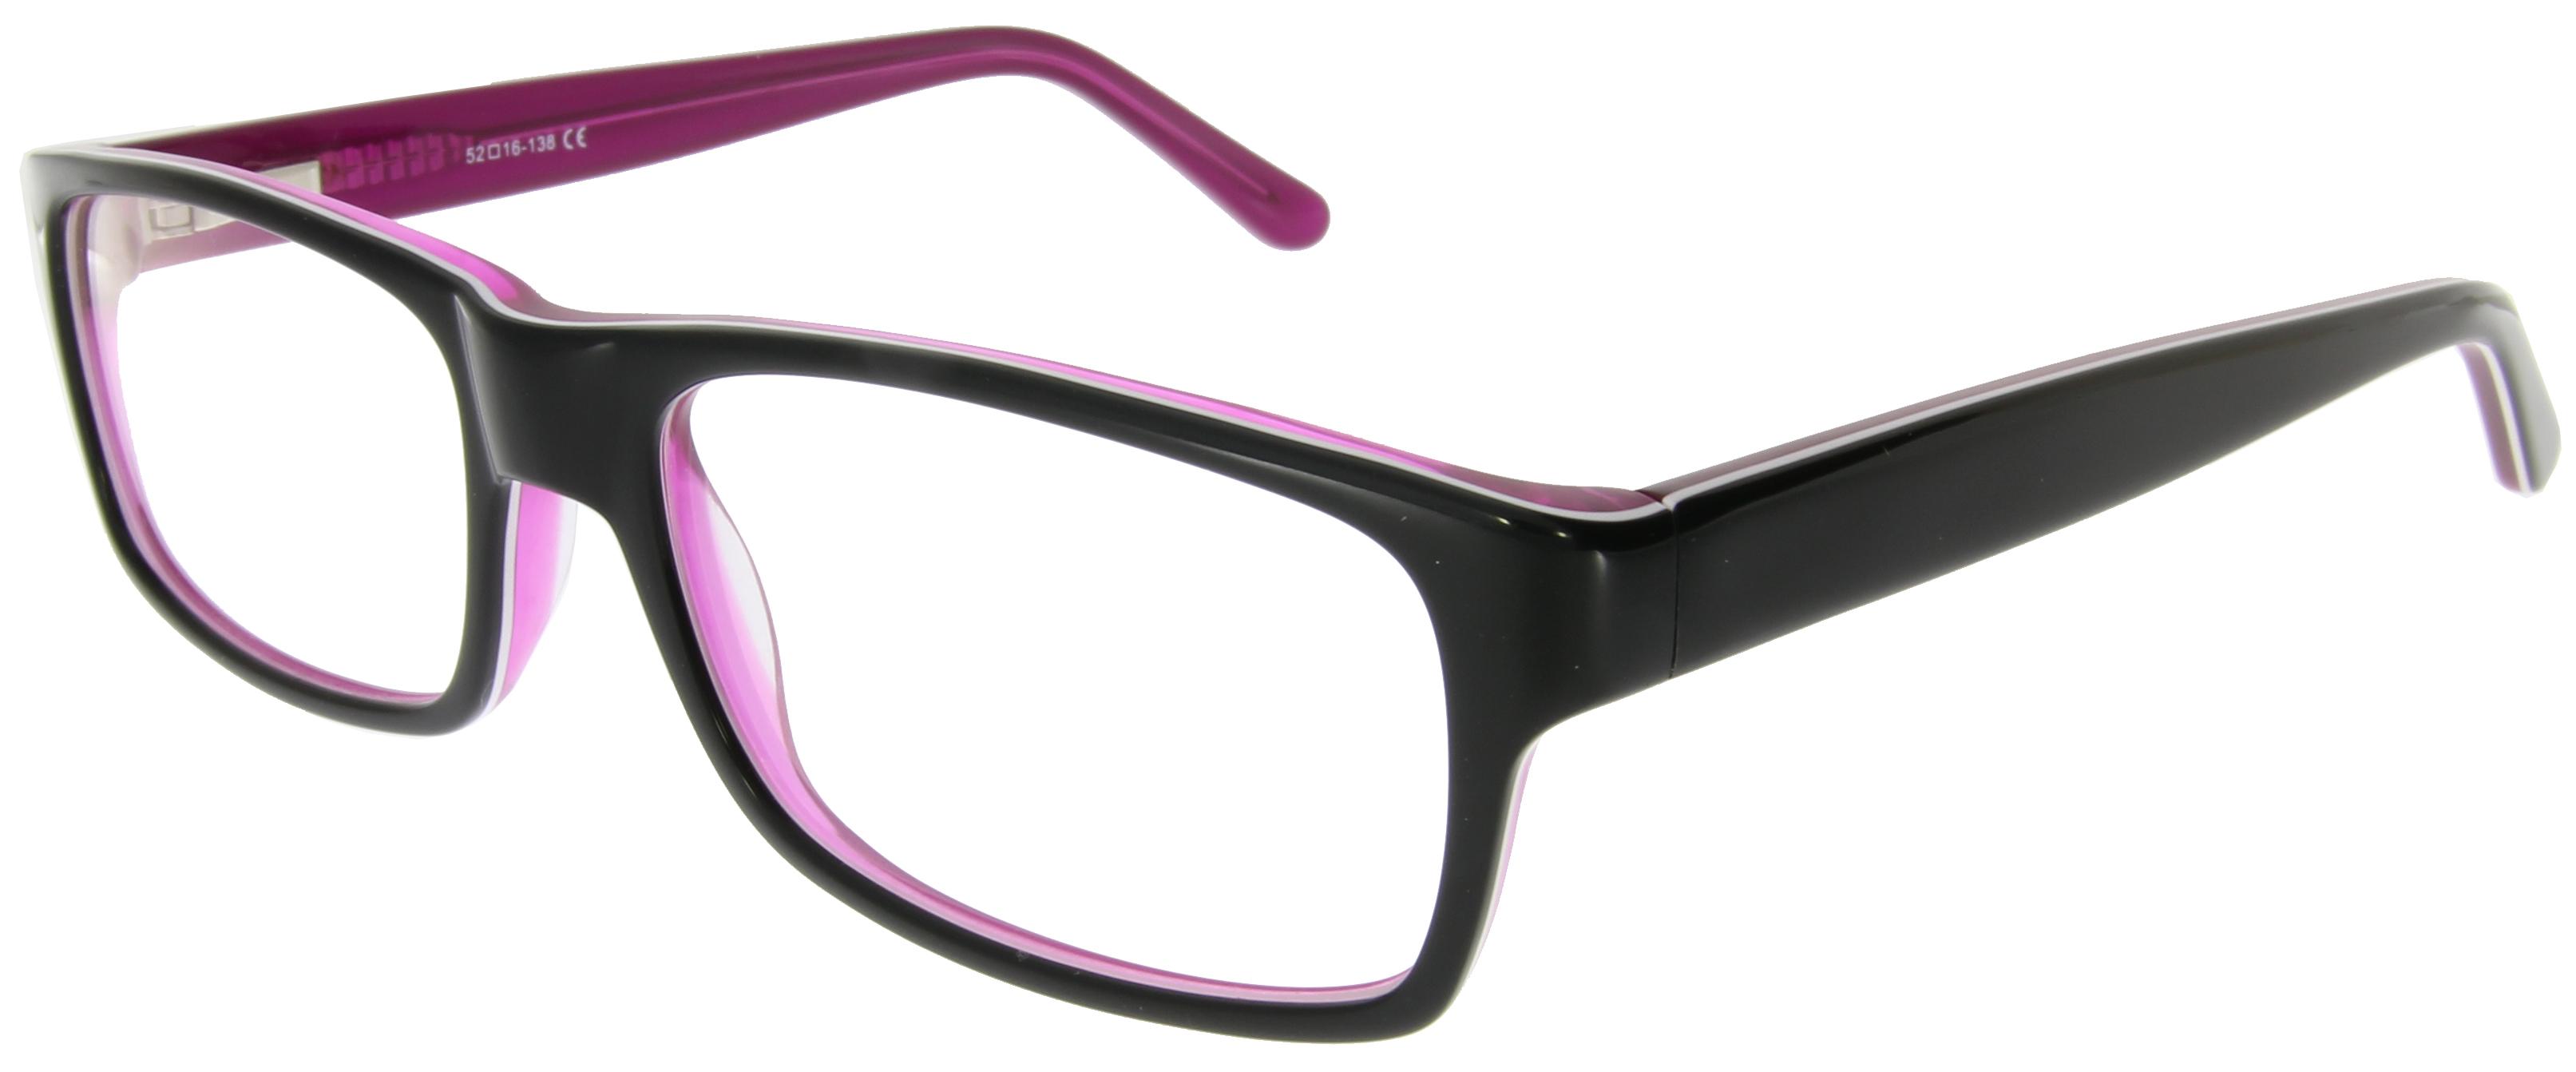 Kastenförmige Brille in Schwarz und Lila